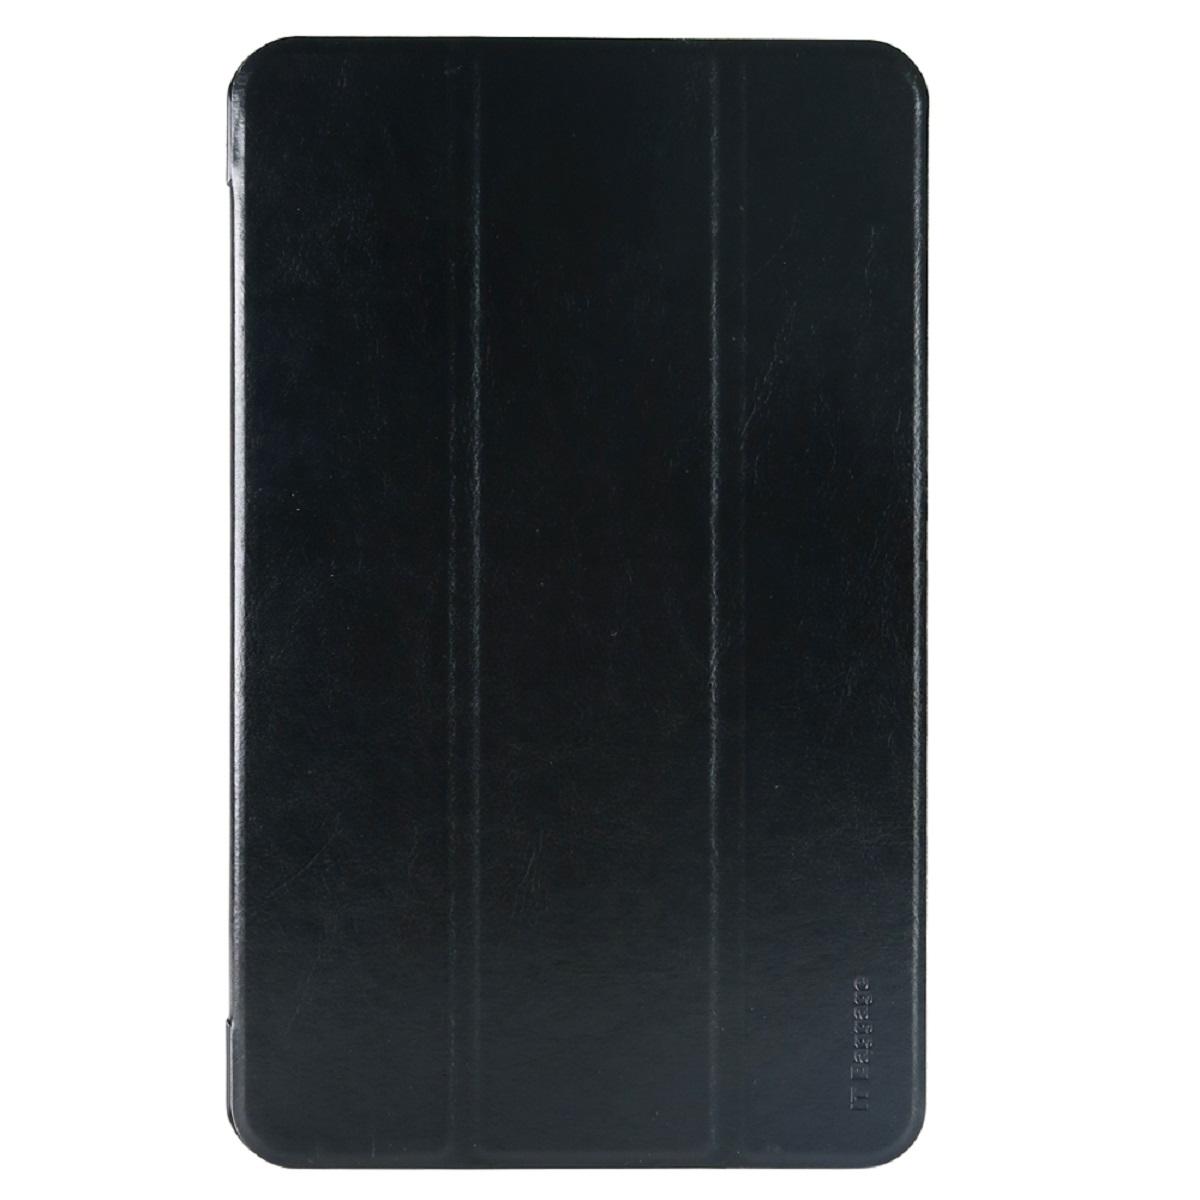 IT Baggage чехол для Samsung Galaxy Tab A 10.1 SM-T580/T585, BlackITSSGTA105-1Чехол IT Baggage для планшета Samsung Galaxy Tab A 10.1 SM-T580/T585 надежно защищает ваше устройство от случайных ударов и царапин, а так же от внешних воздействий, грязи, пыли и брызг. Крышку можно использовать в качестве настольной подставки для вашего устройства. Чехол приятен на ощупь и имеет стильный внешний вид.Он также обеспечивает свободный доступ ко всем функциональным кнопкам планшета и камере.